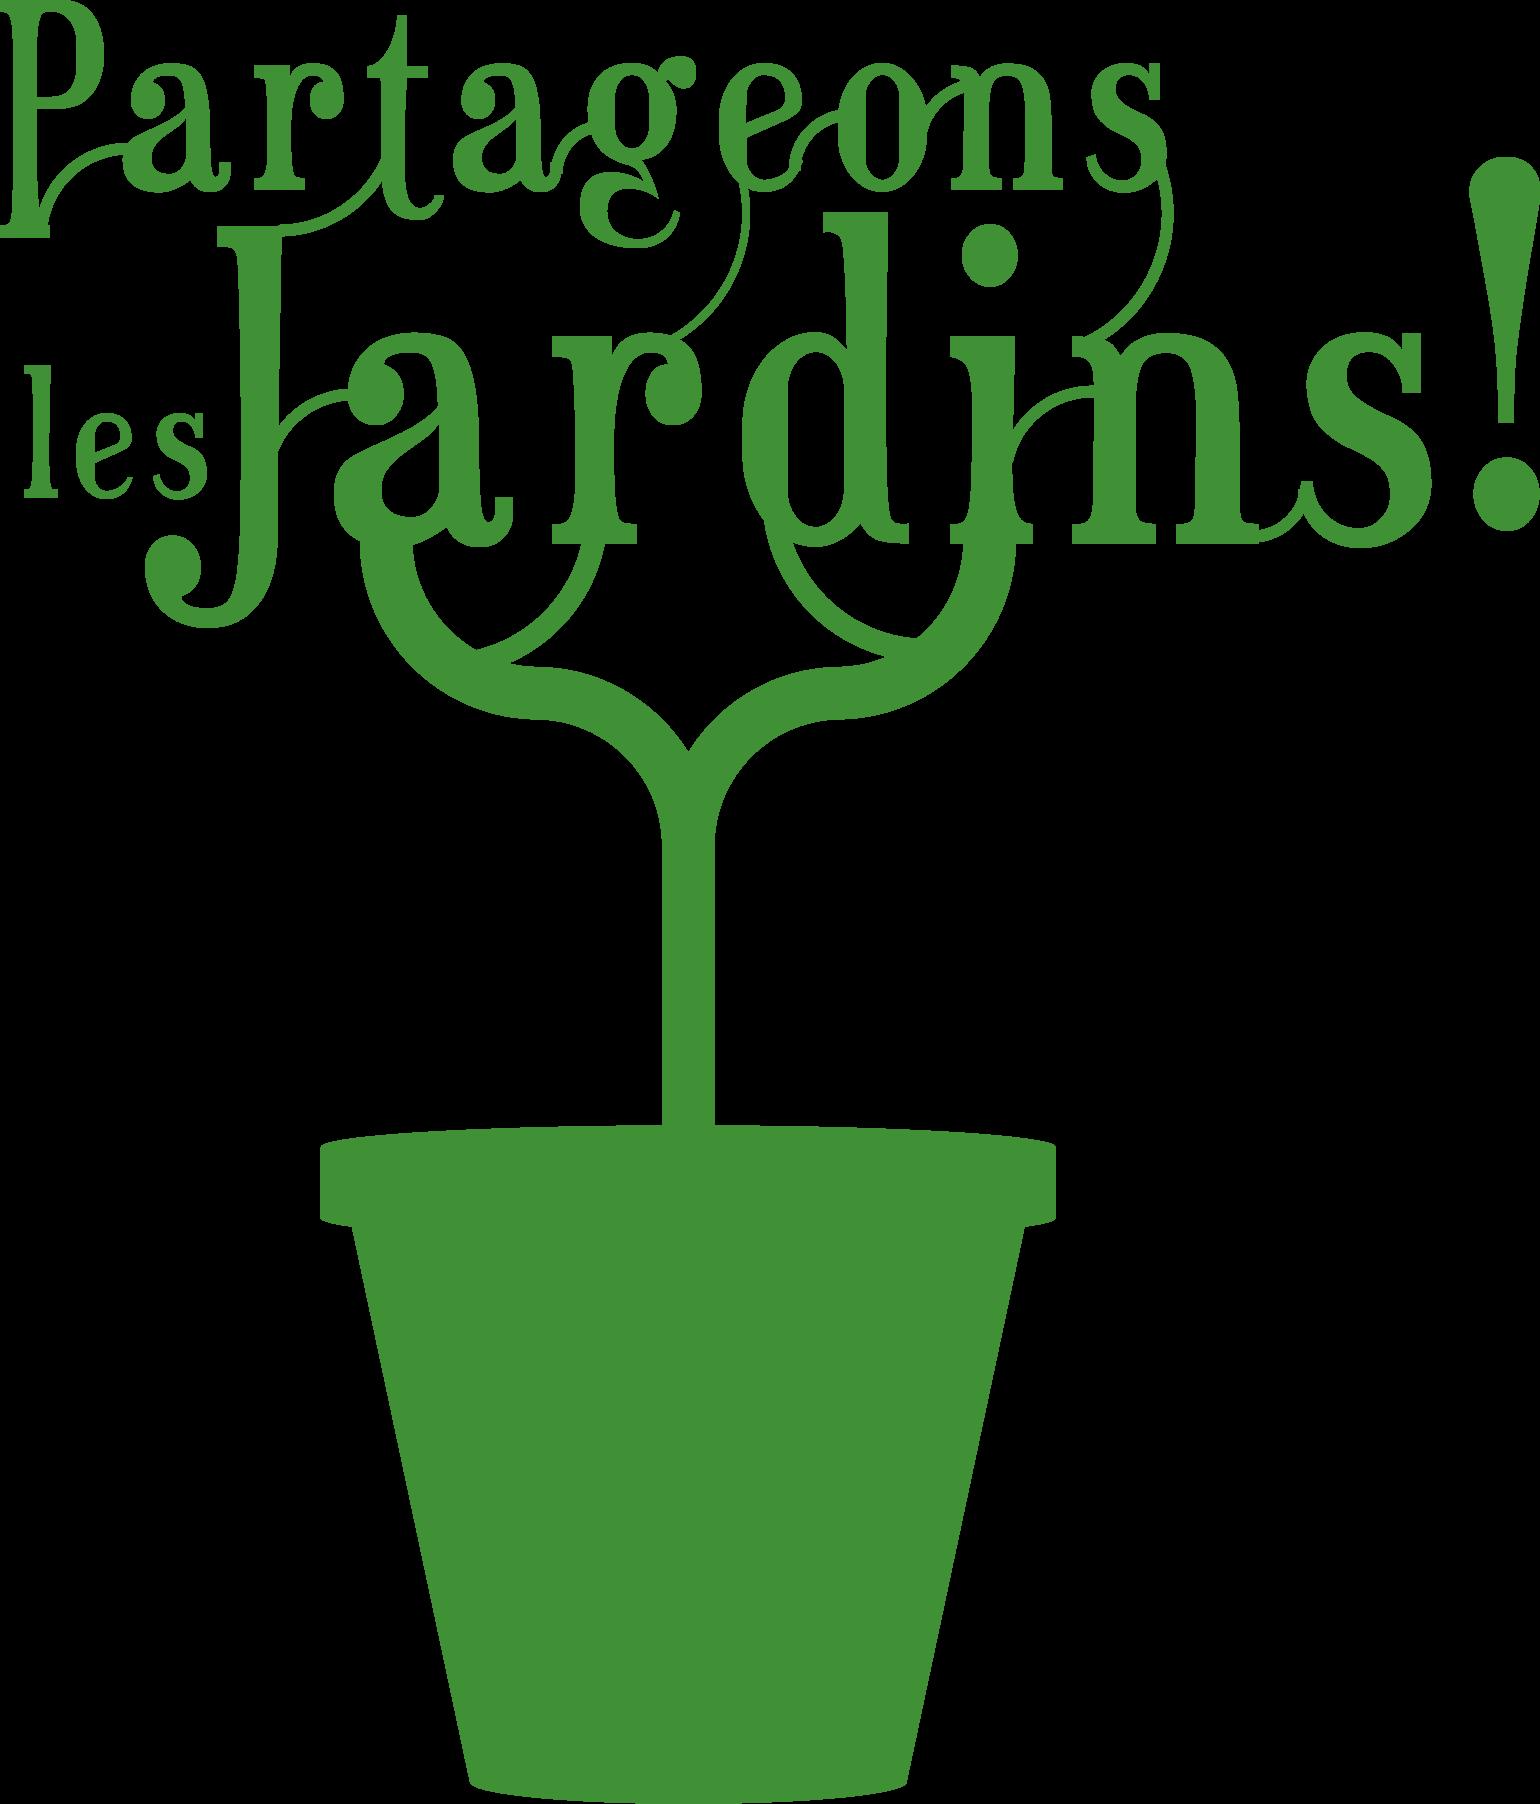 PARTAGEONS LES JARDINS